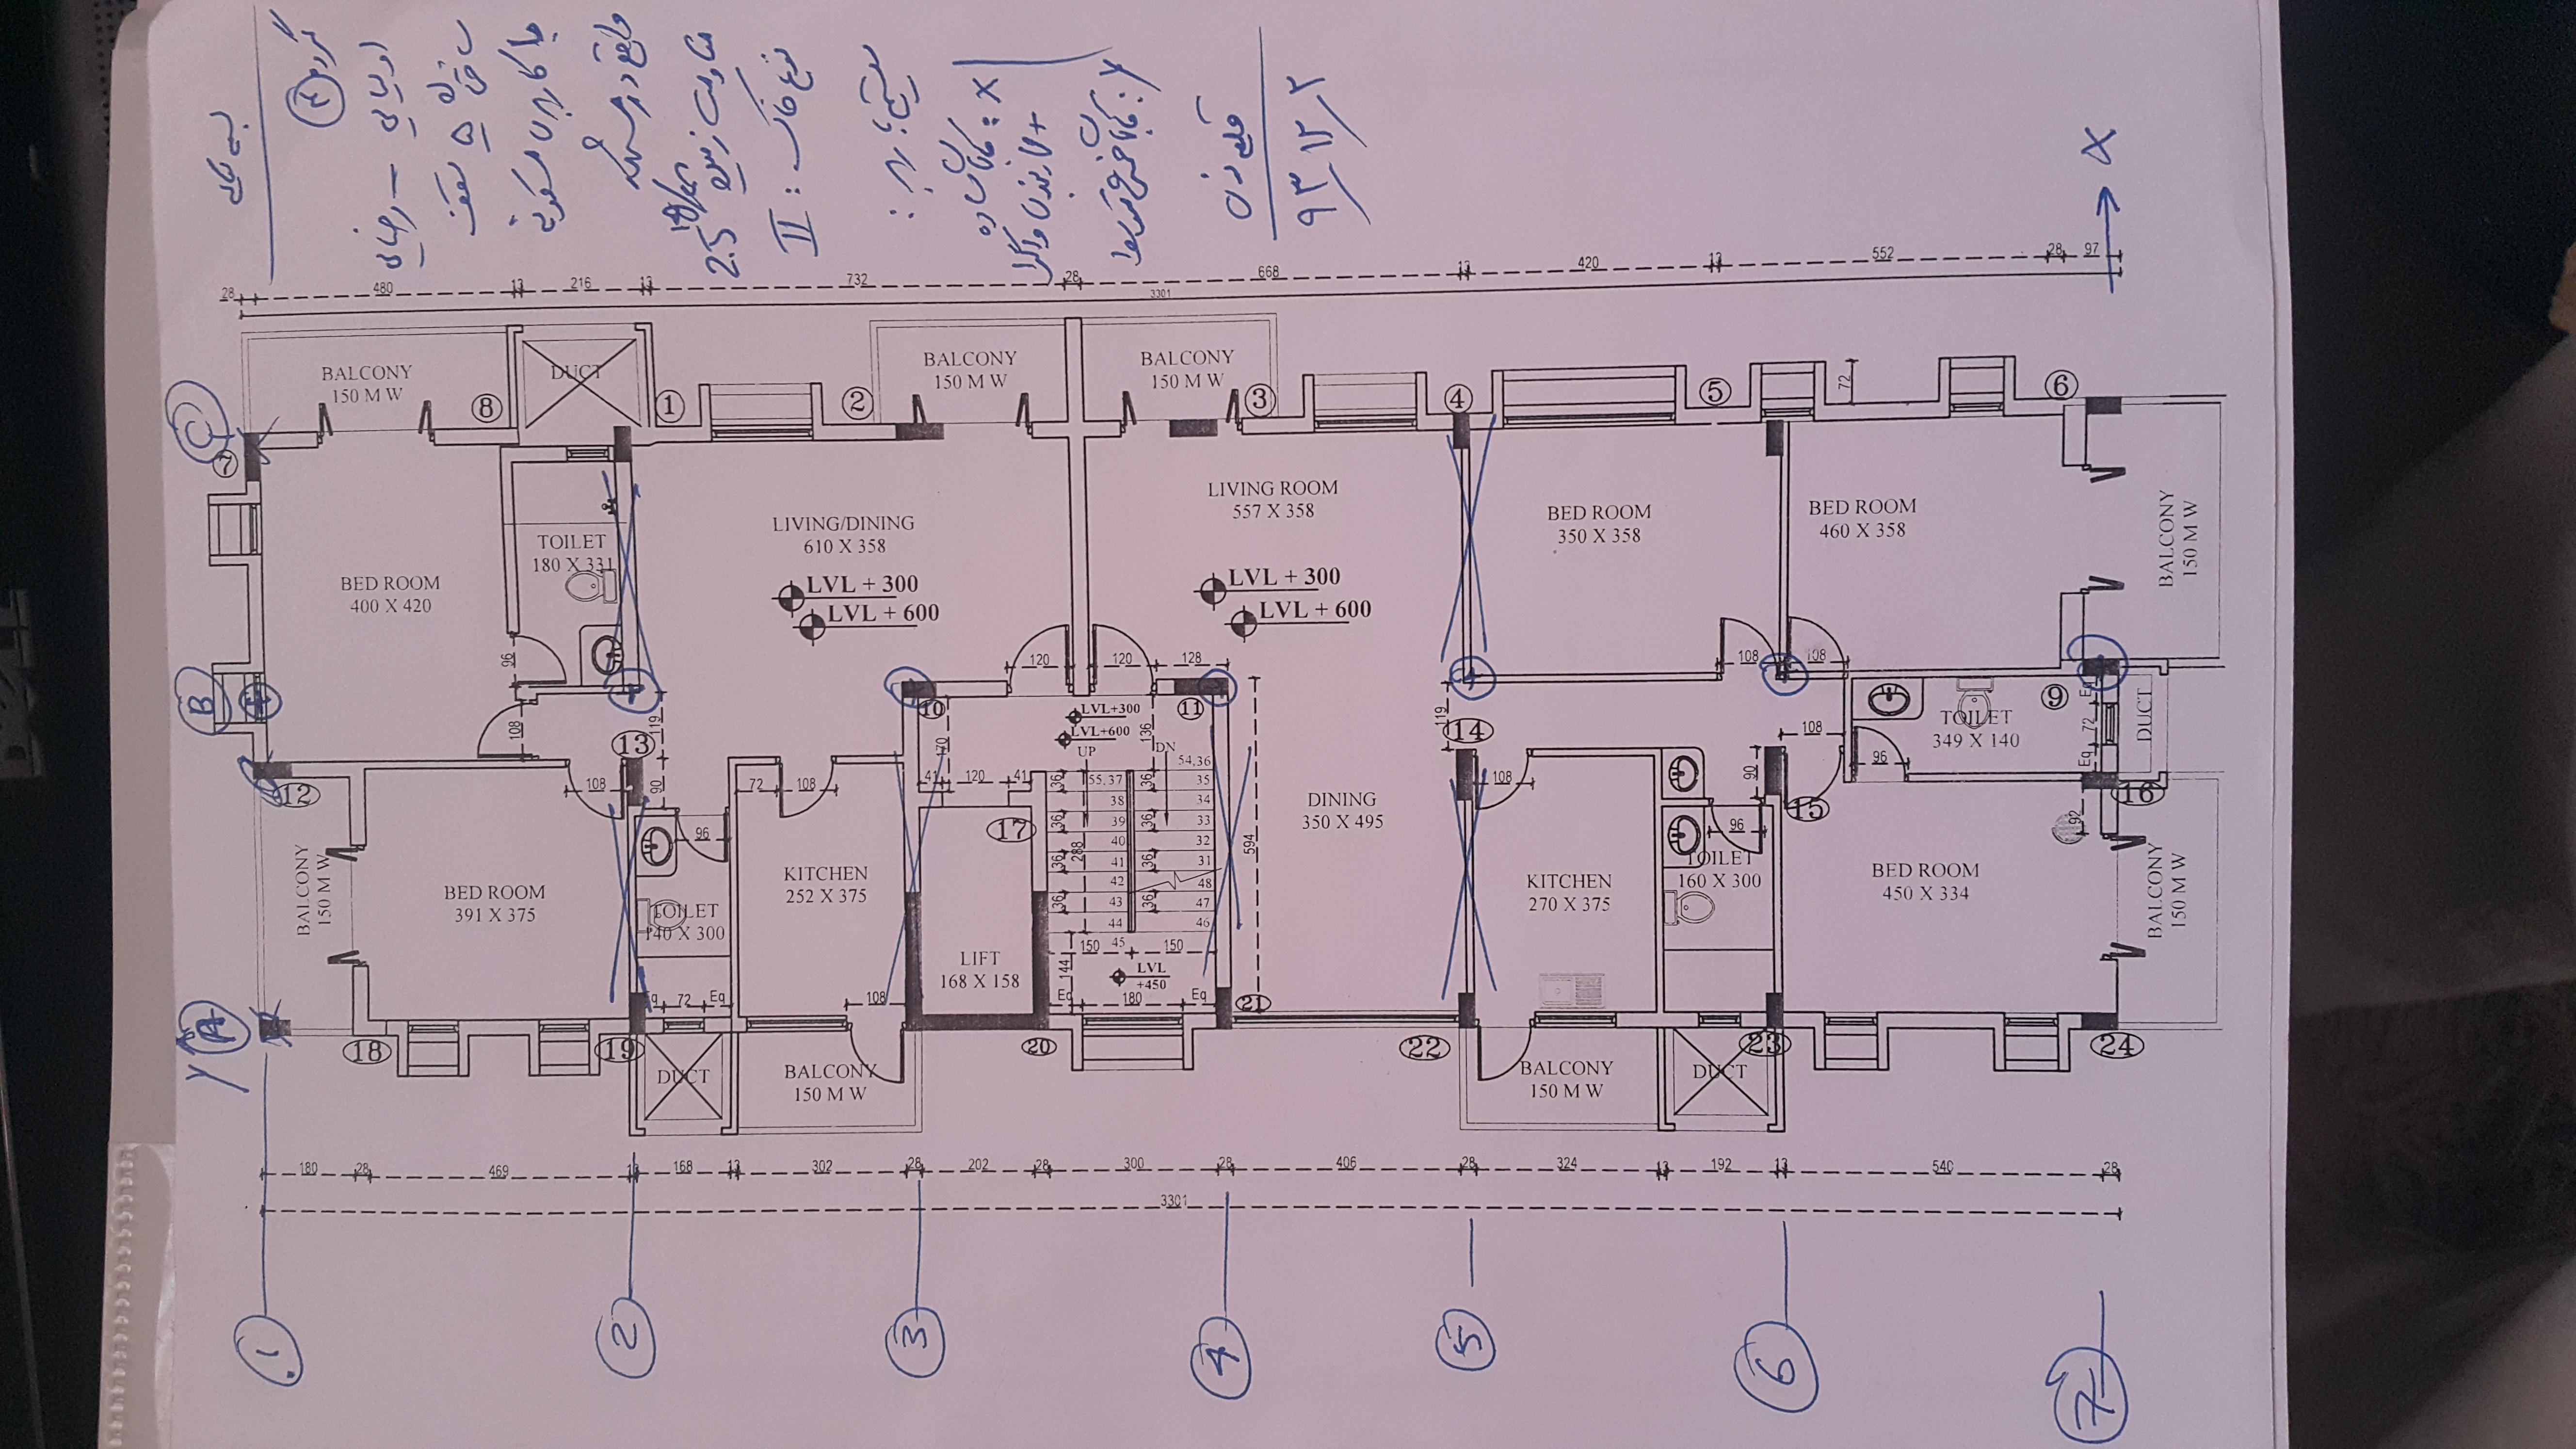 پروژه کامل طراحی ساختمان فولادی، دارای فایل EATBS، SAFE و Word (قابل ویرایش)